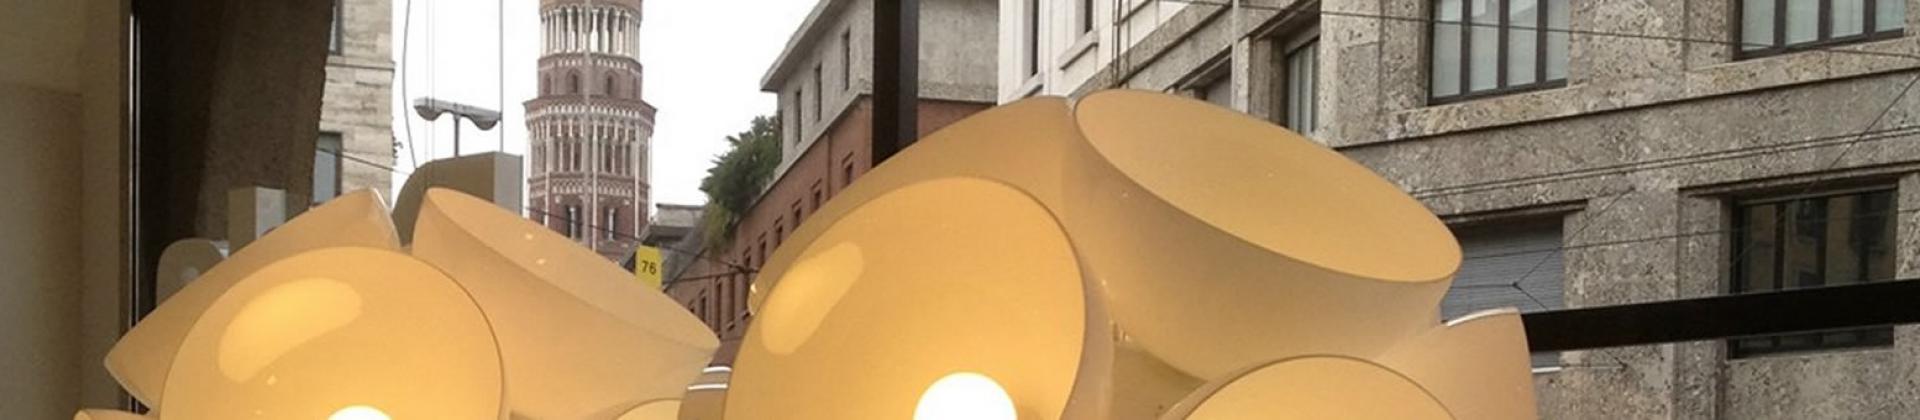 Luxury Penta - Lámparas de diseño